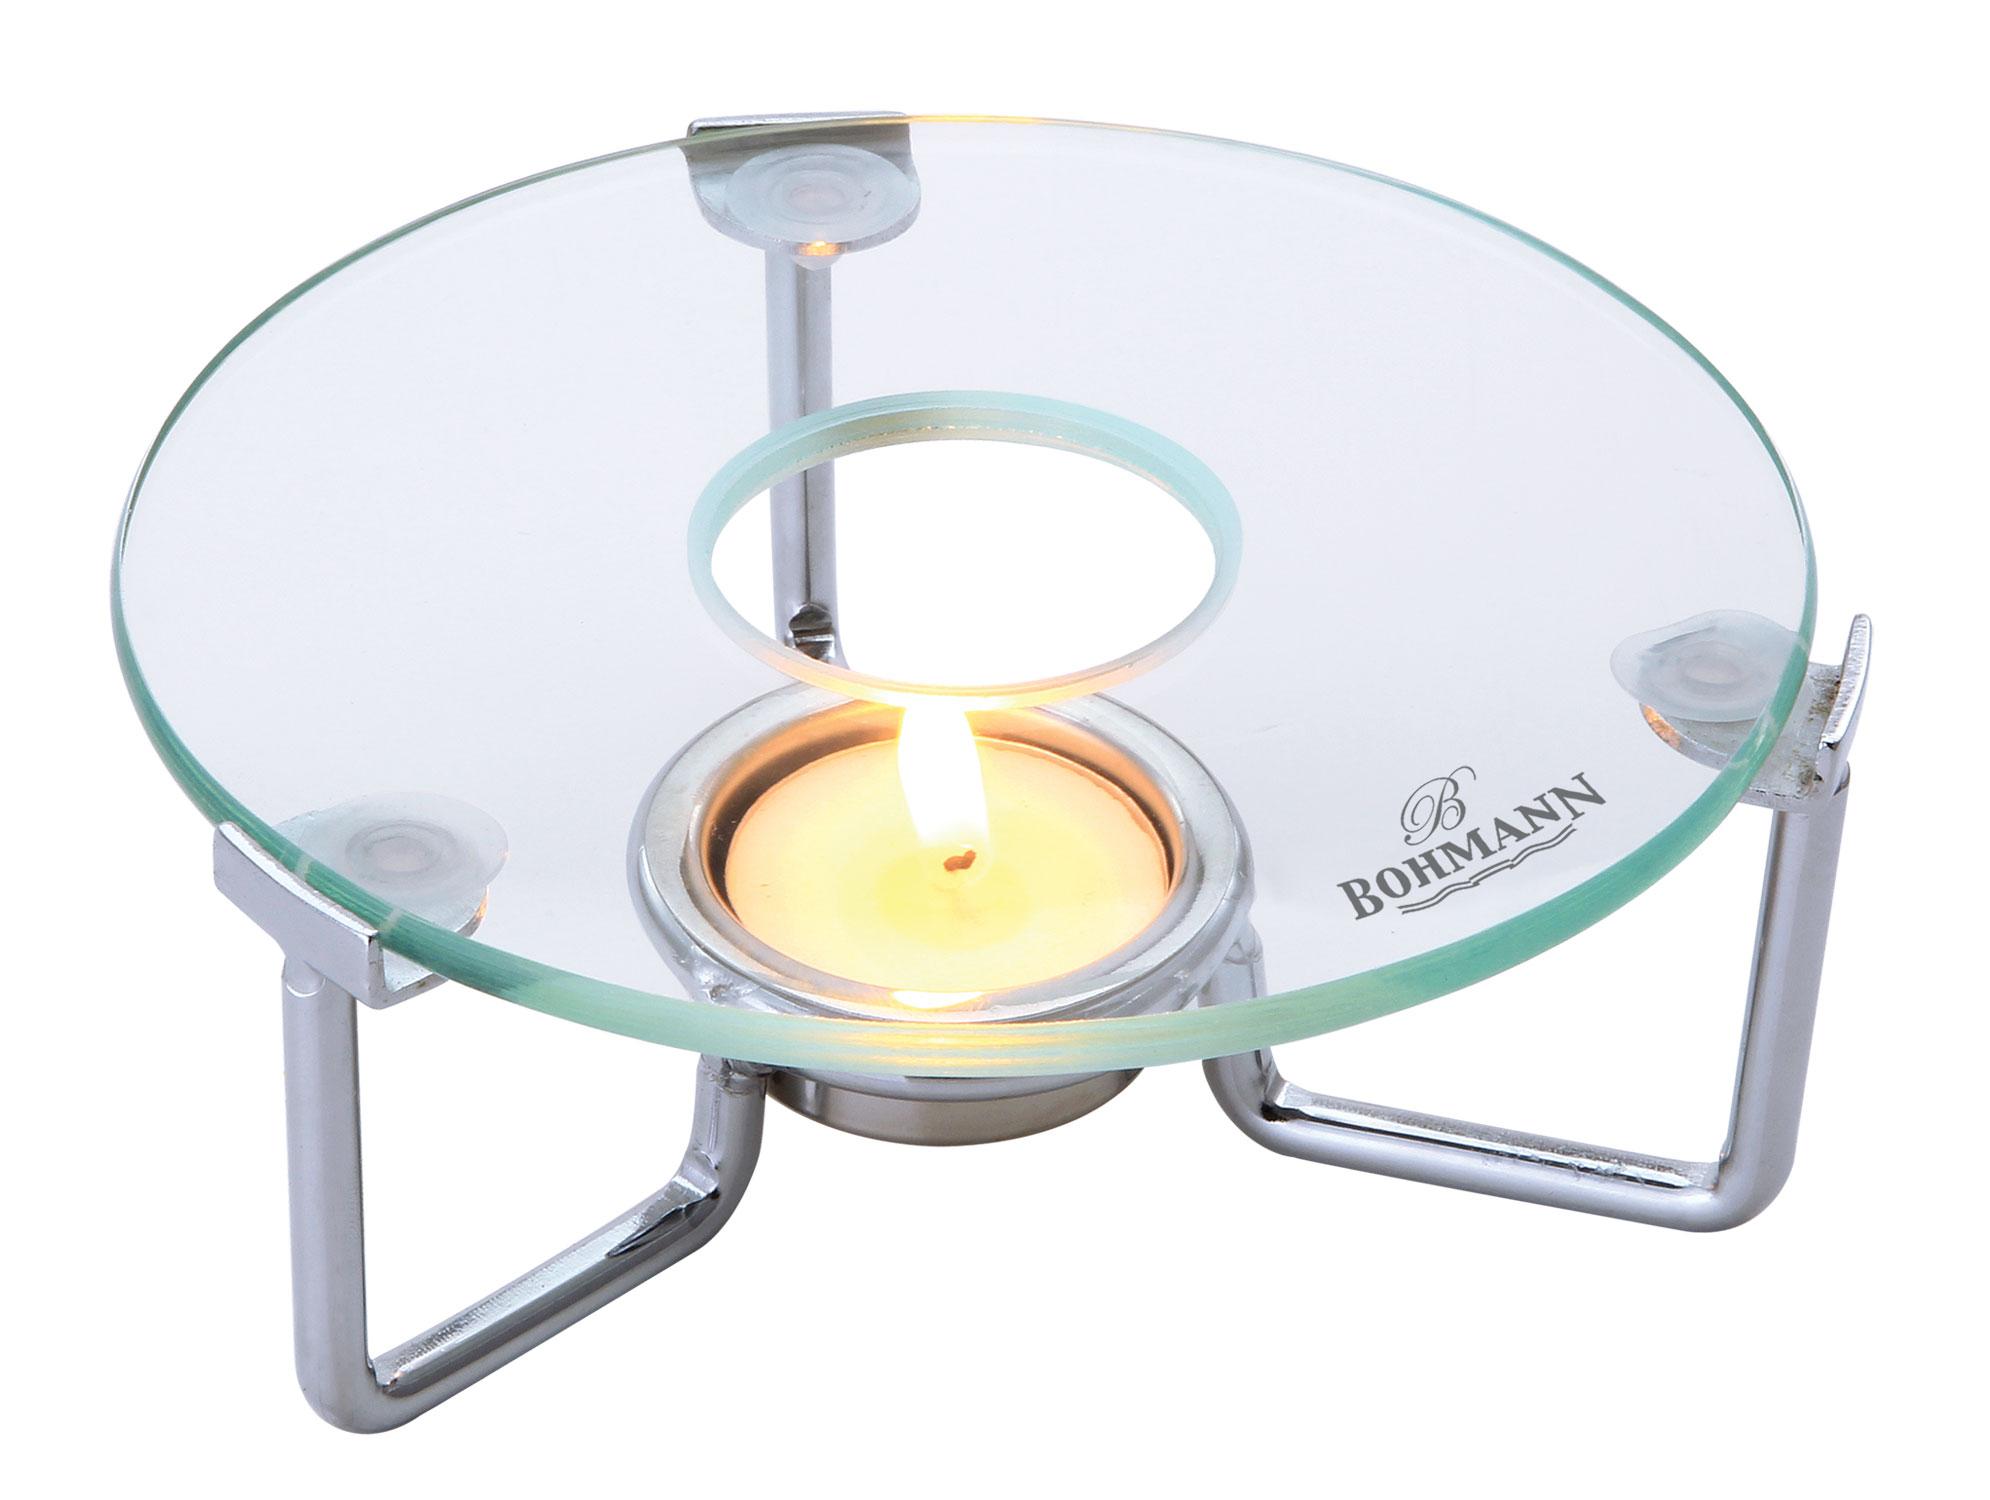 Мармит-подставка Bohmann, для чайника, цвет: прозрачный201BHПодставка-мармит для подогрева чайника. Термостойкая стеклянная подставка. Стекло можно заменить, легко мыть. Не ржавеет. Глянцевая хромированная рамка с 1 держателем для греющей свечи. Размер: 15 х 15 х 5 см.